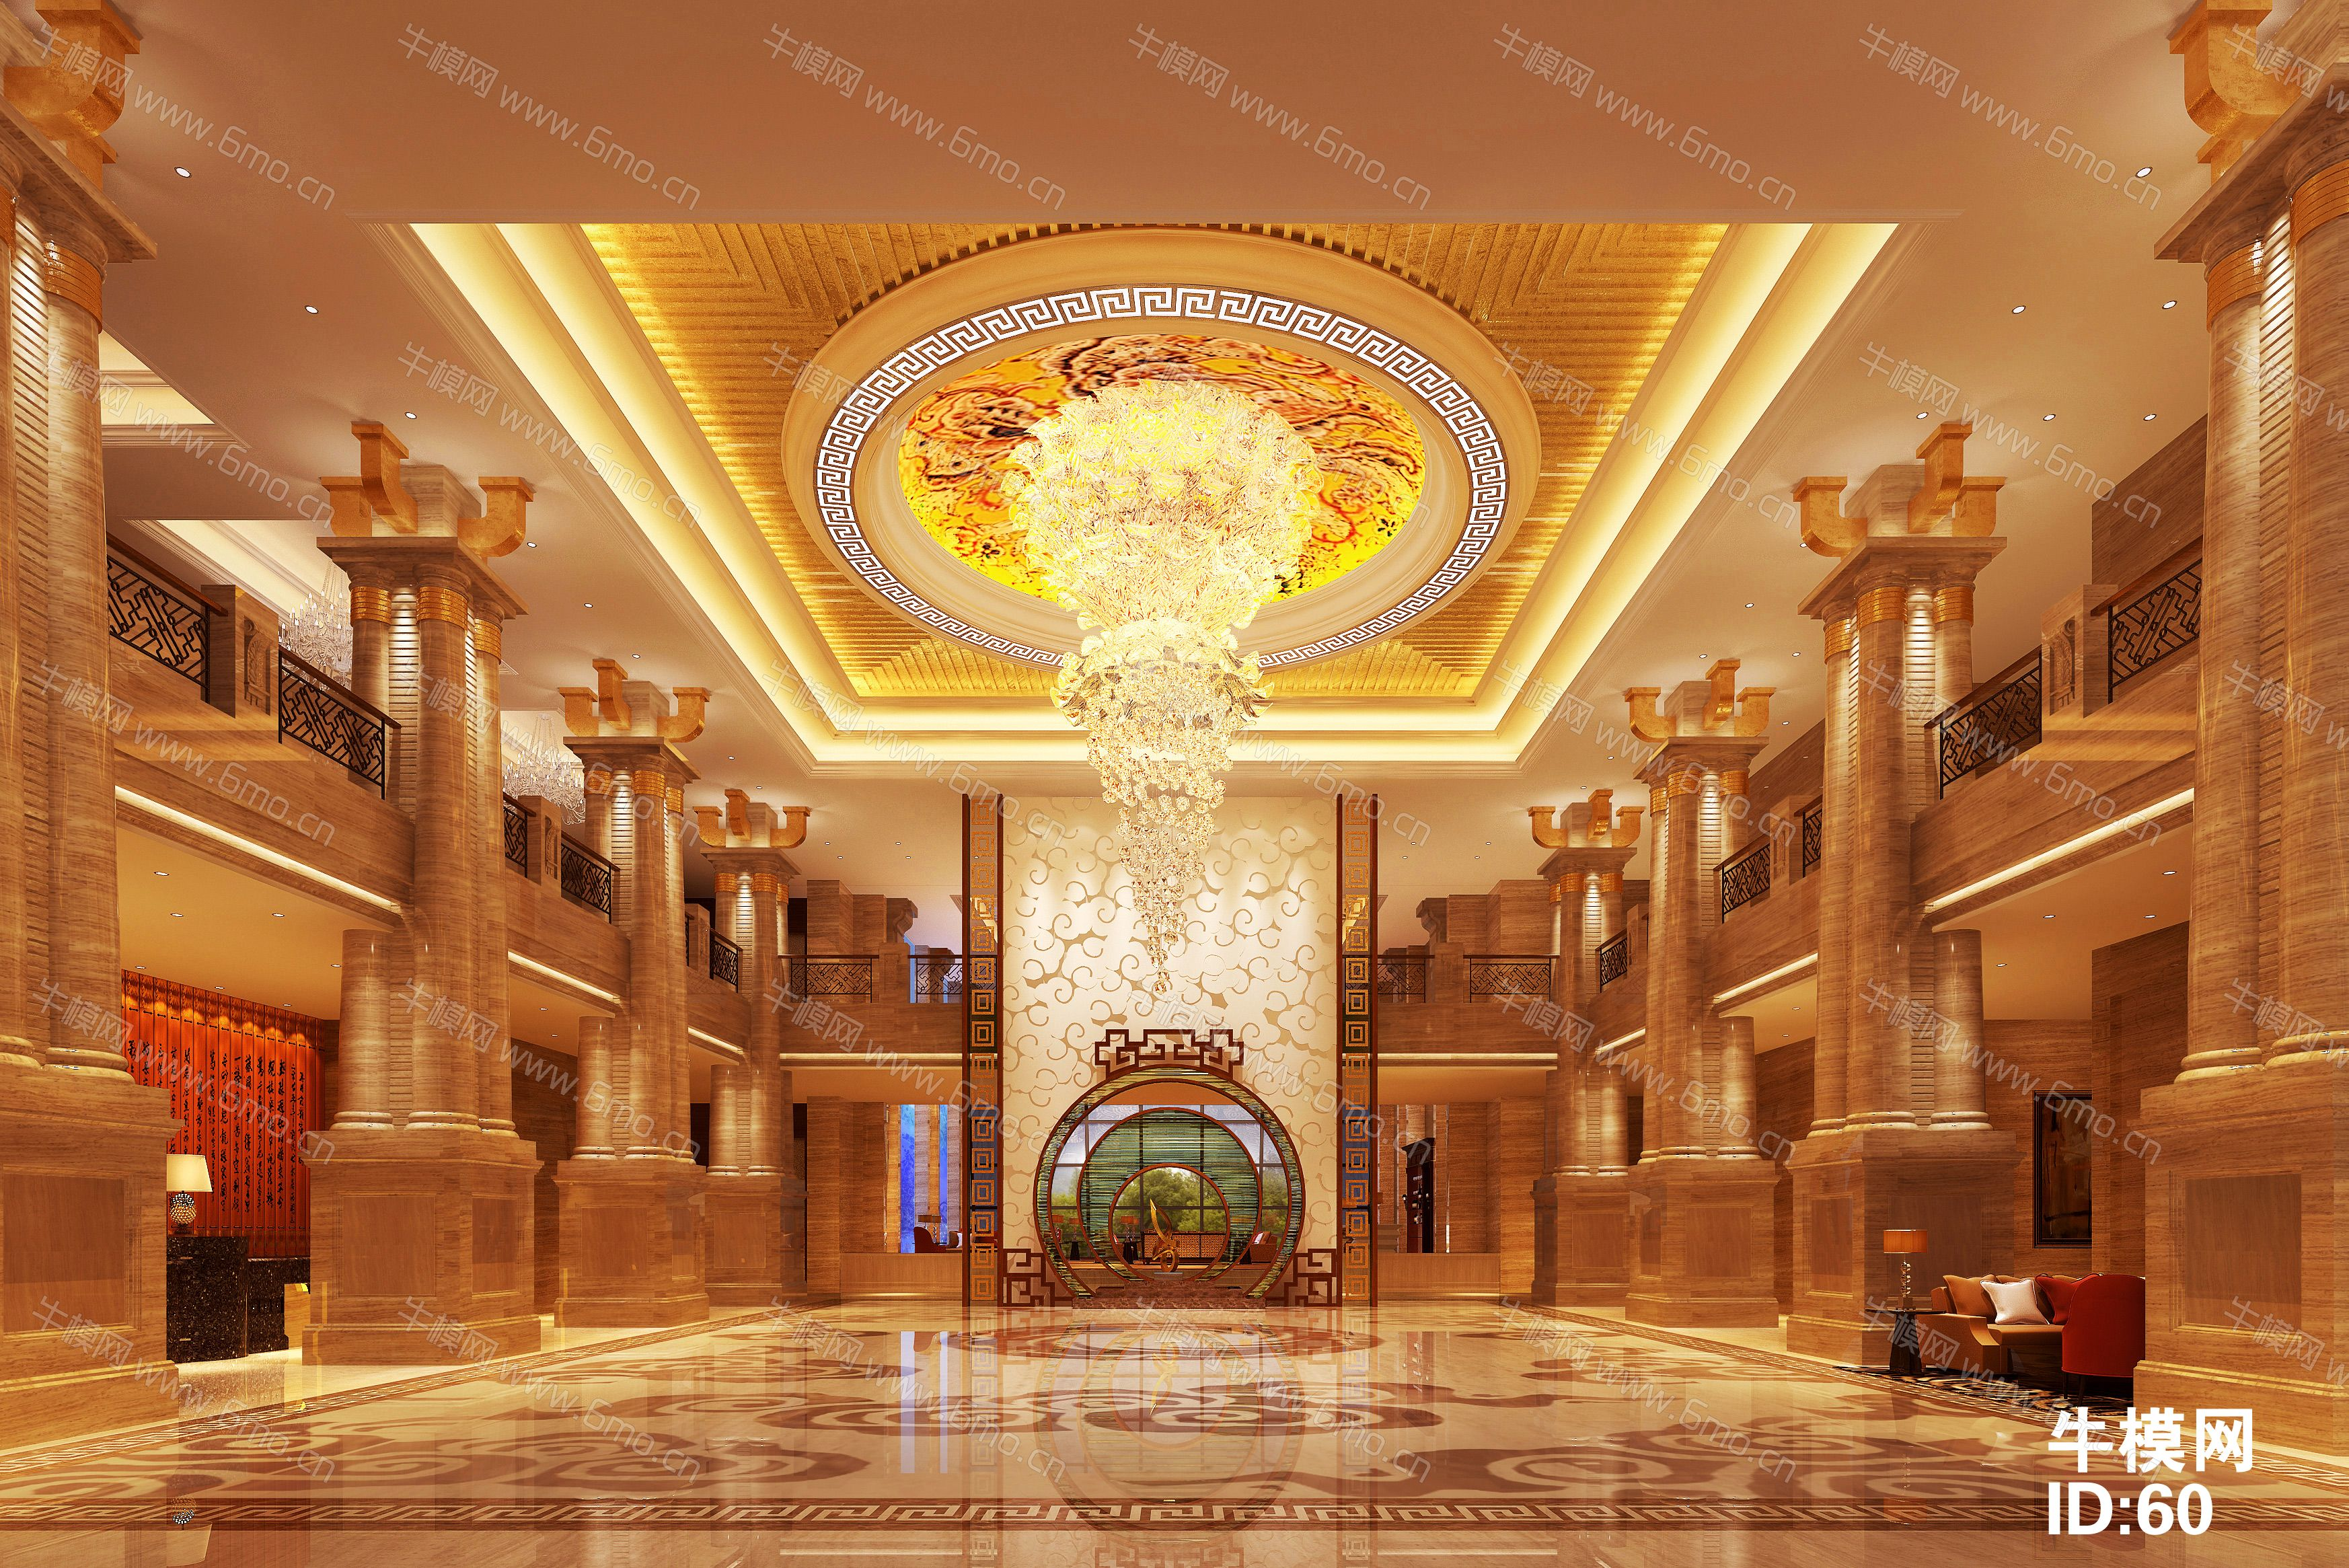 新中式酒店大厅下载